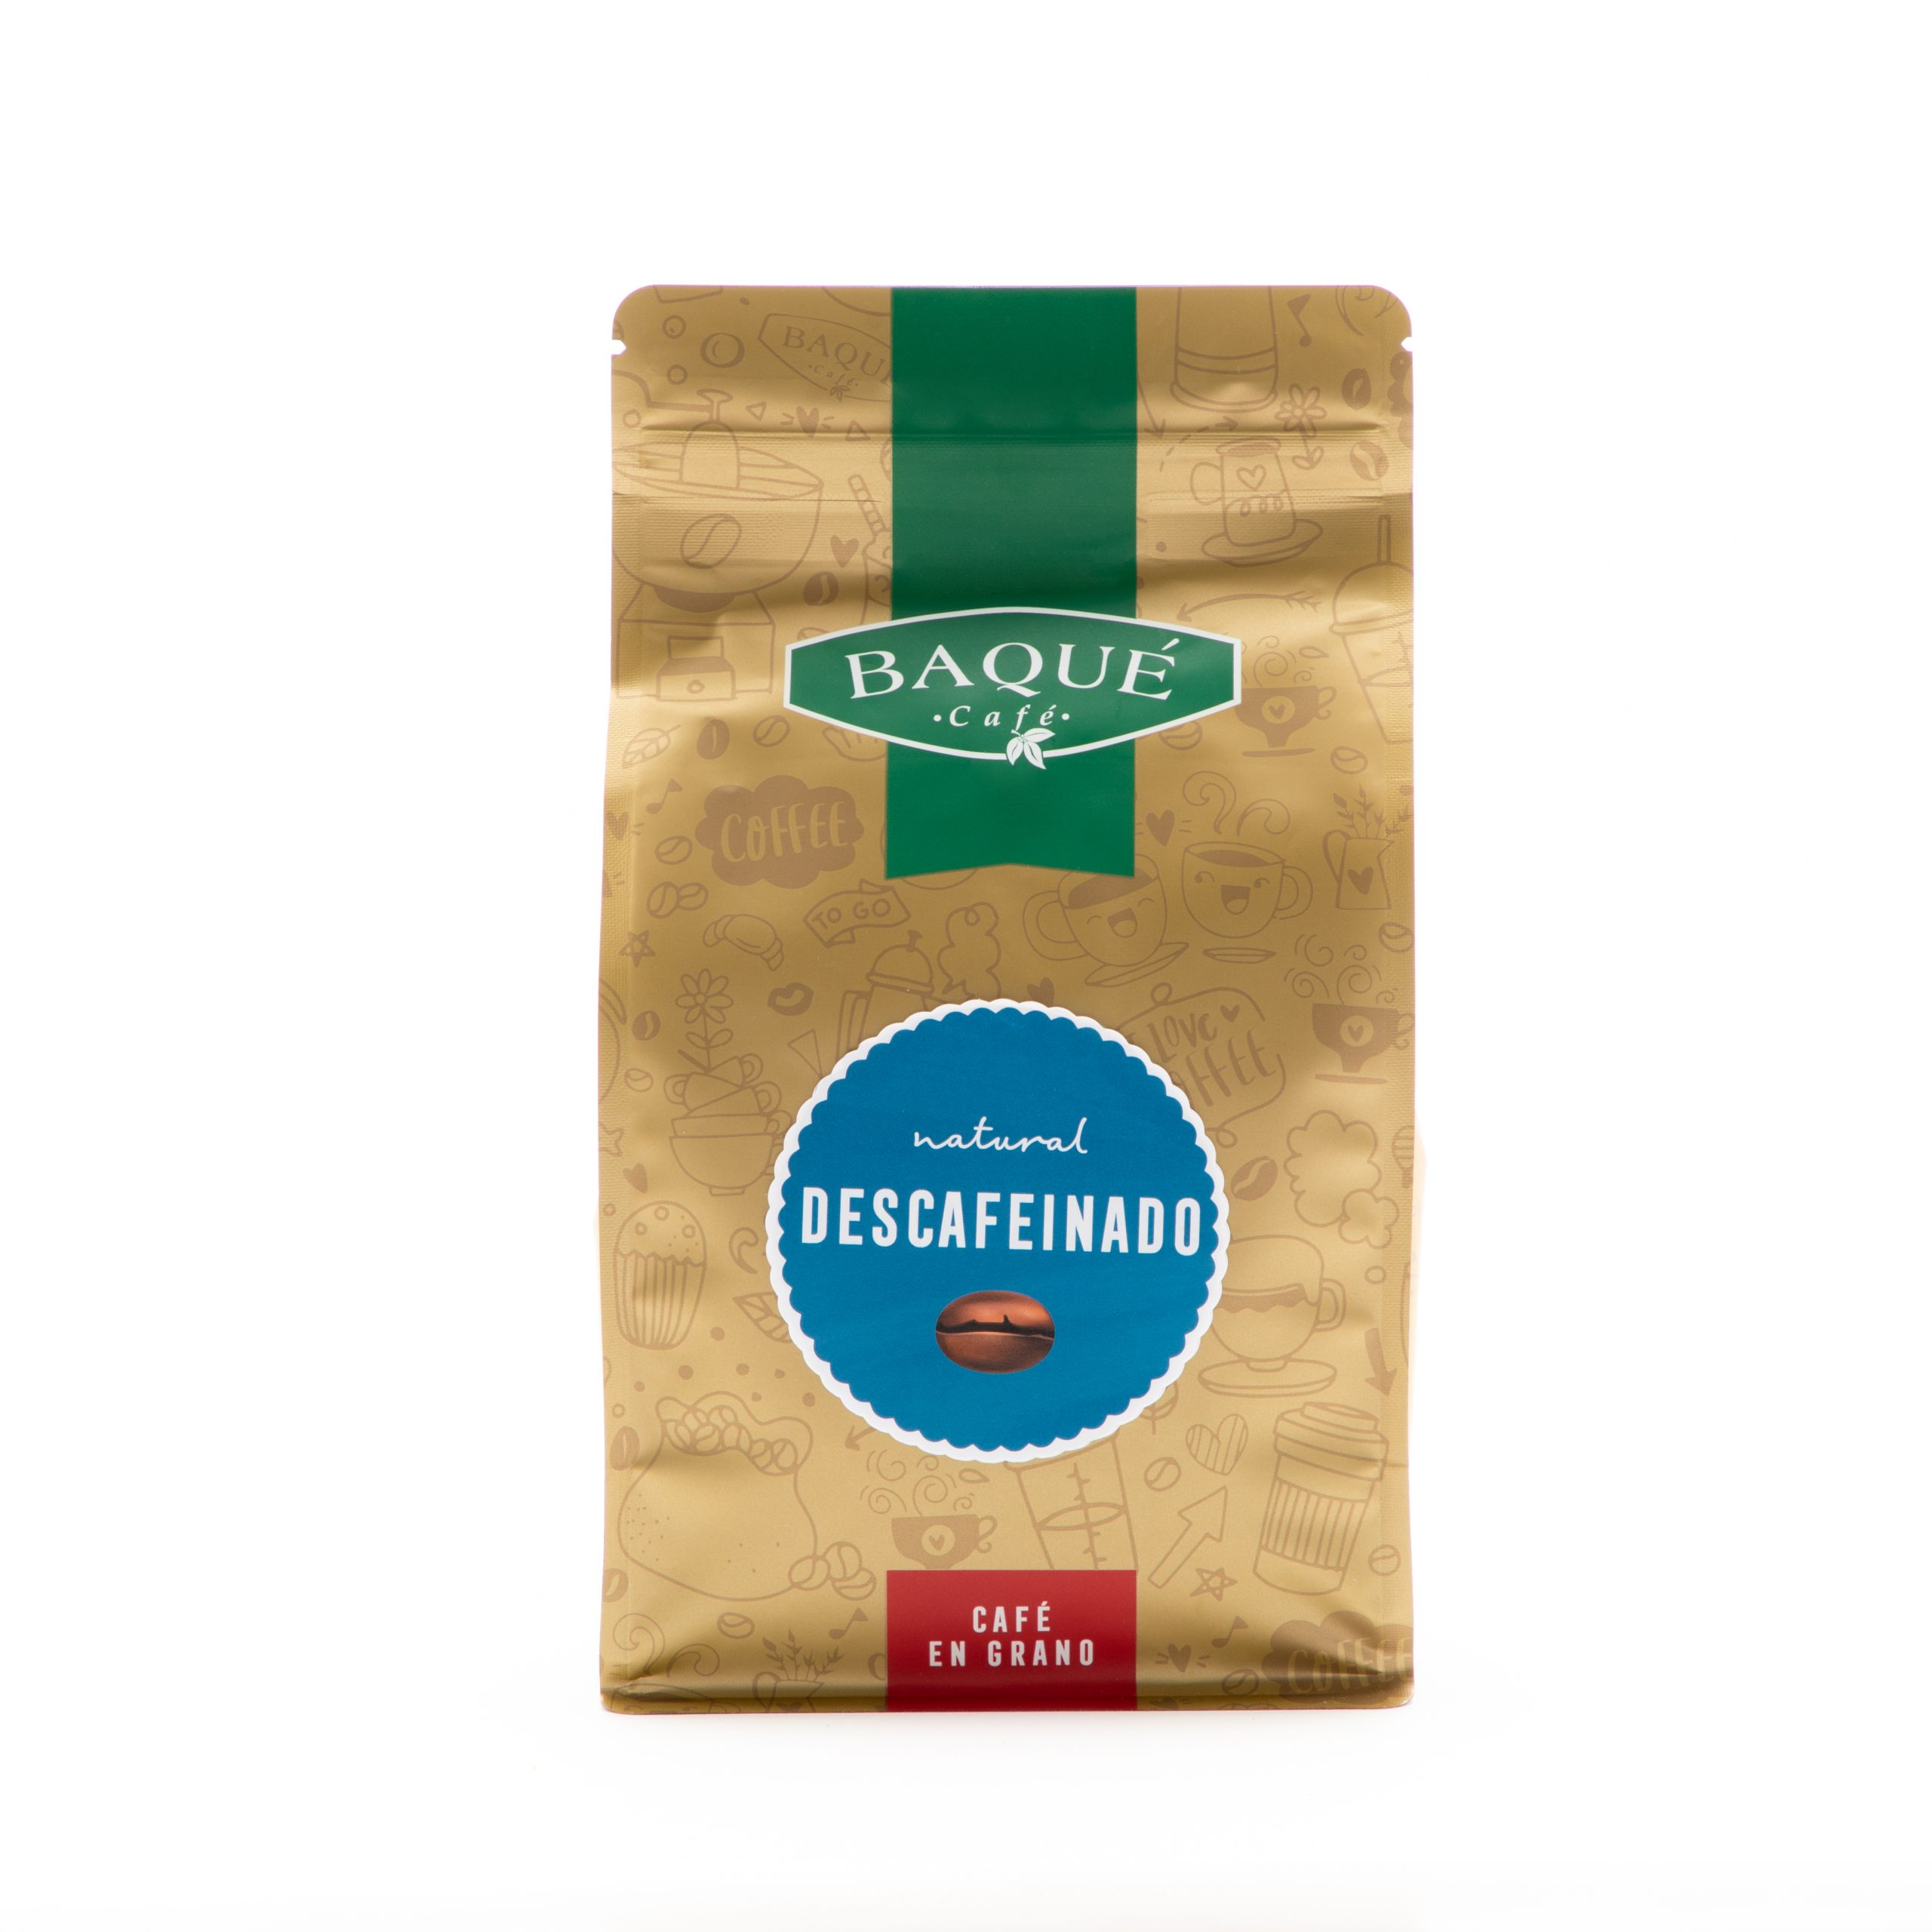 Café en grano Descafeinado, 500 g.